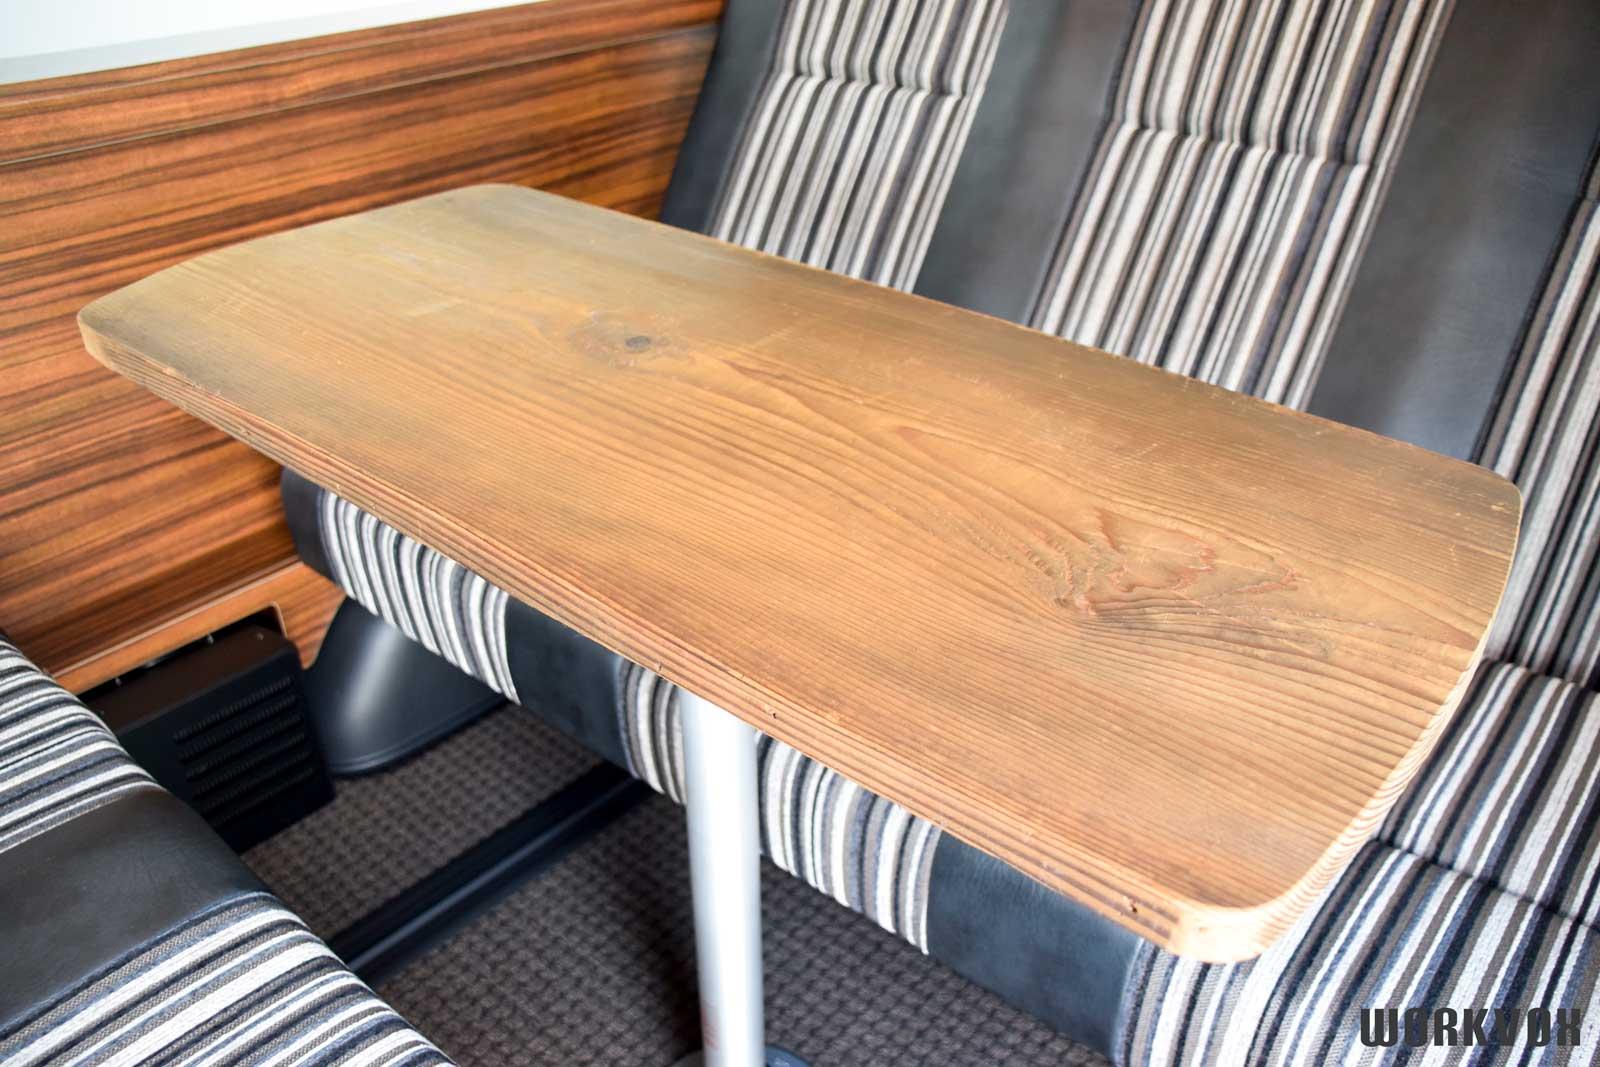 ハイエース オリジナルテーブル 無垢の木